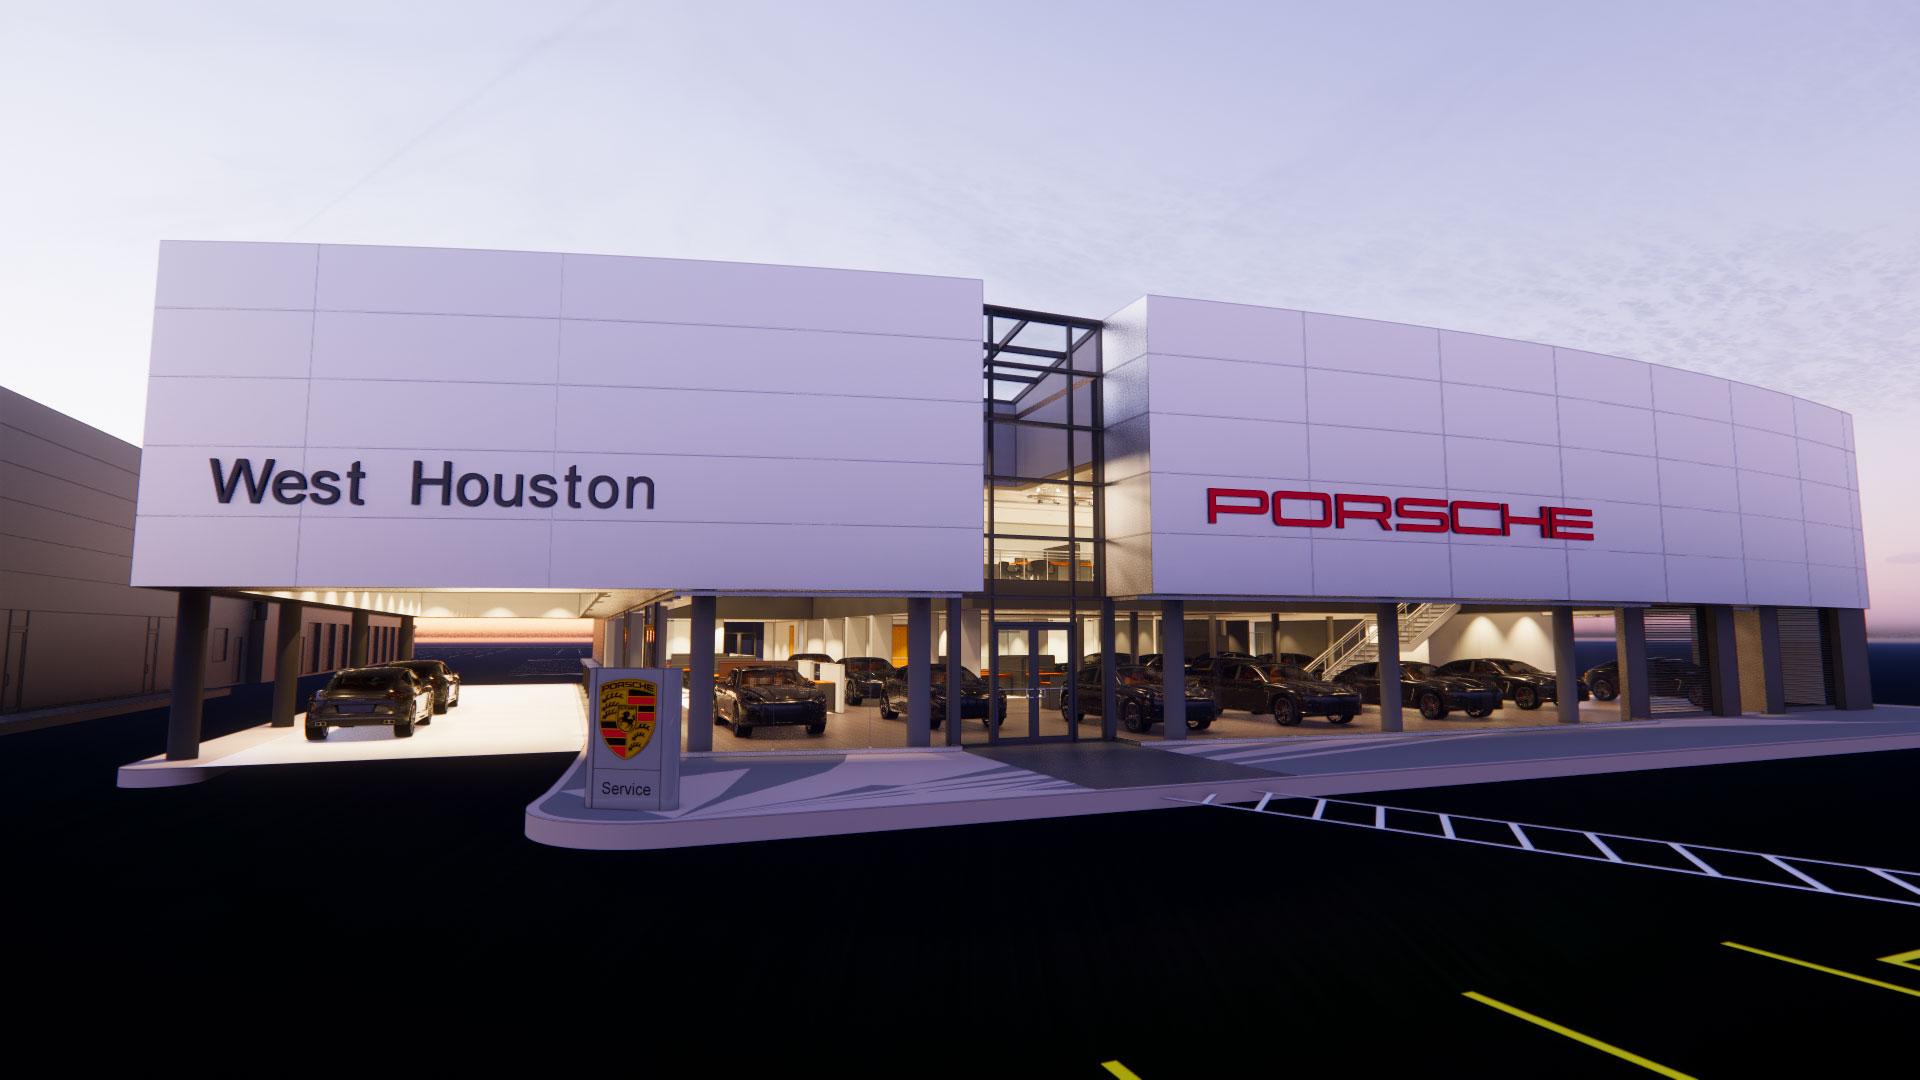 Porsche dealership underway